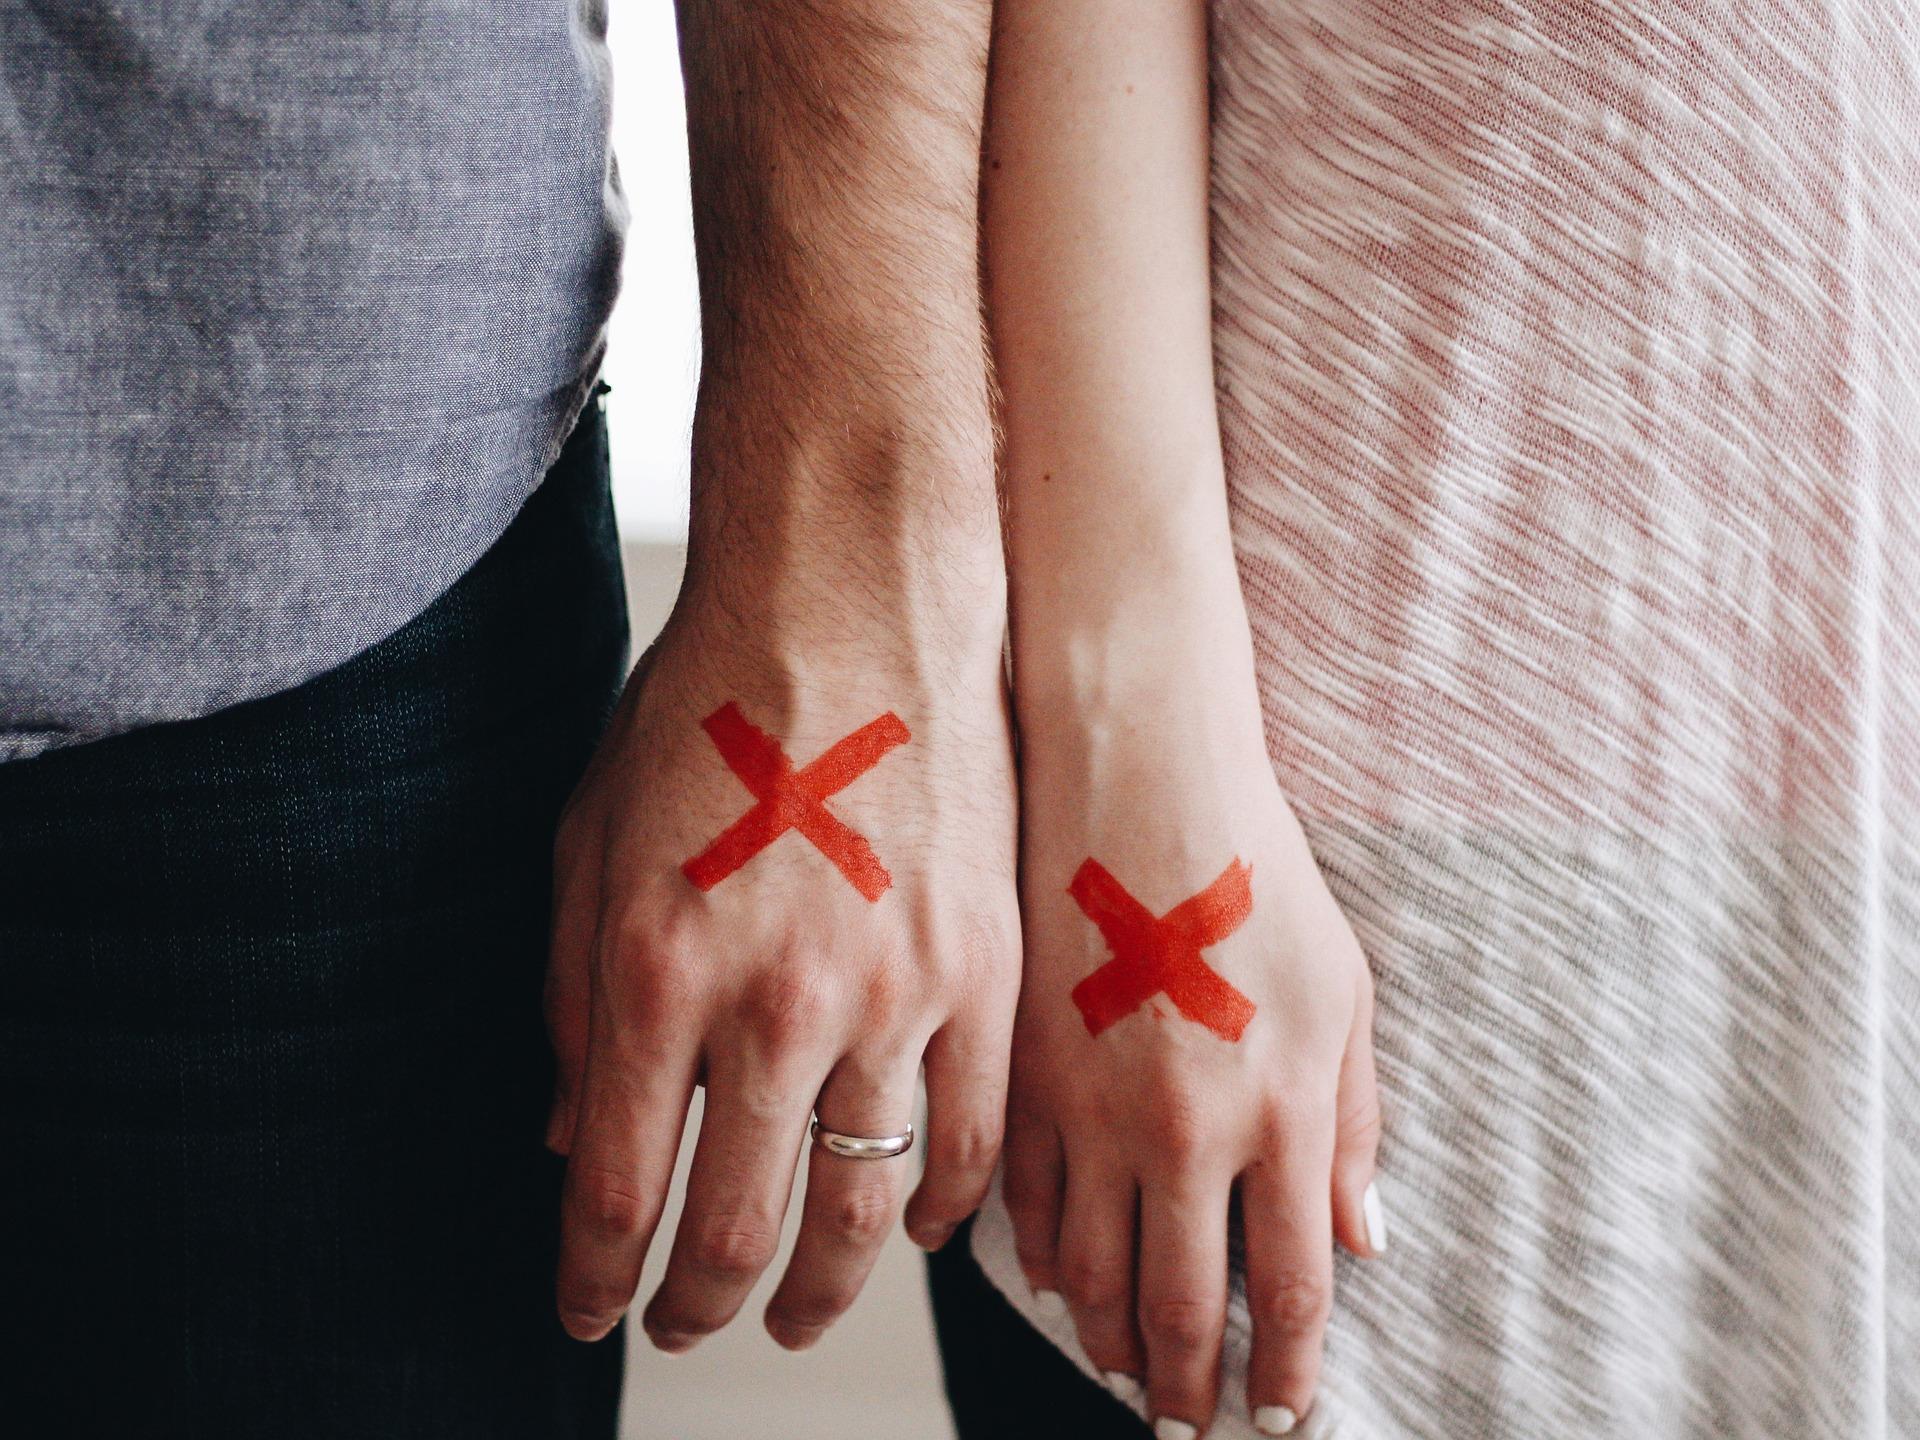 Dos manos, de un hombre y de una mujer, marcadas con una equis en rojo